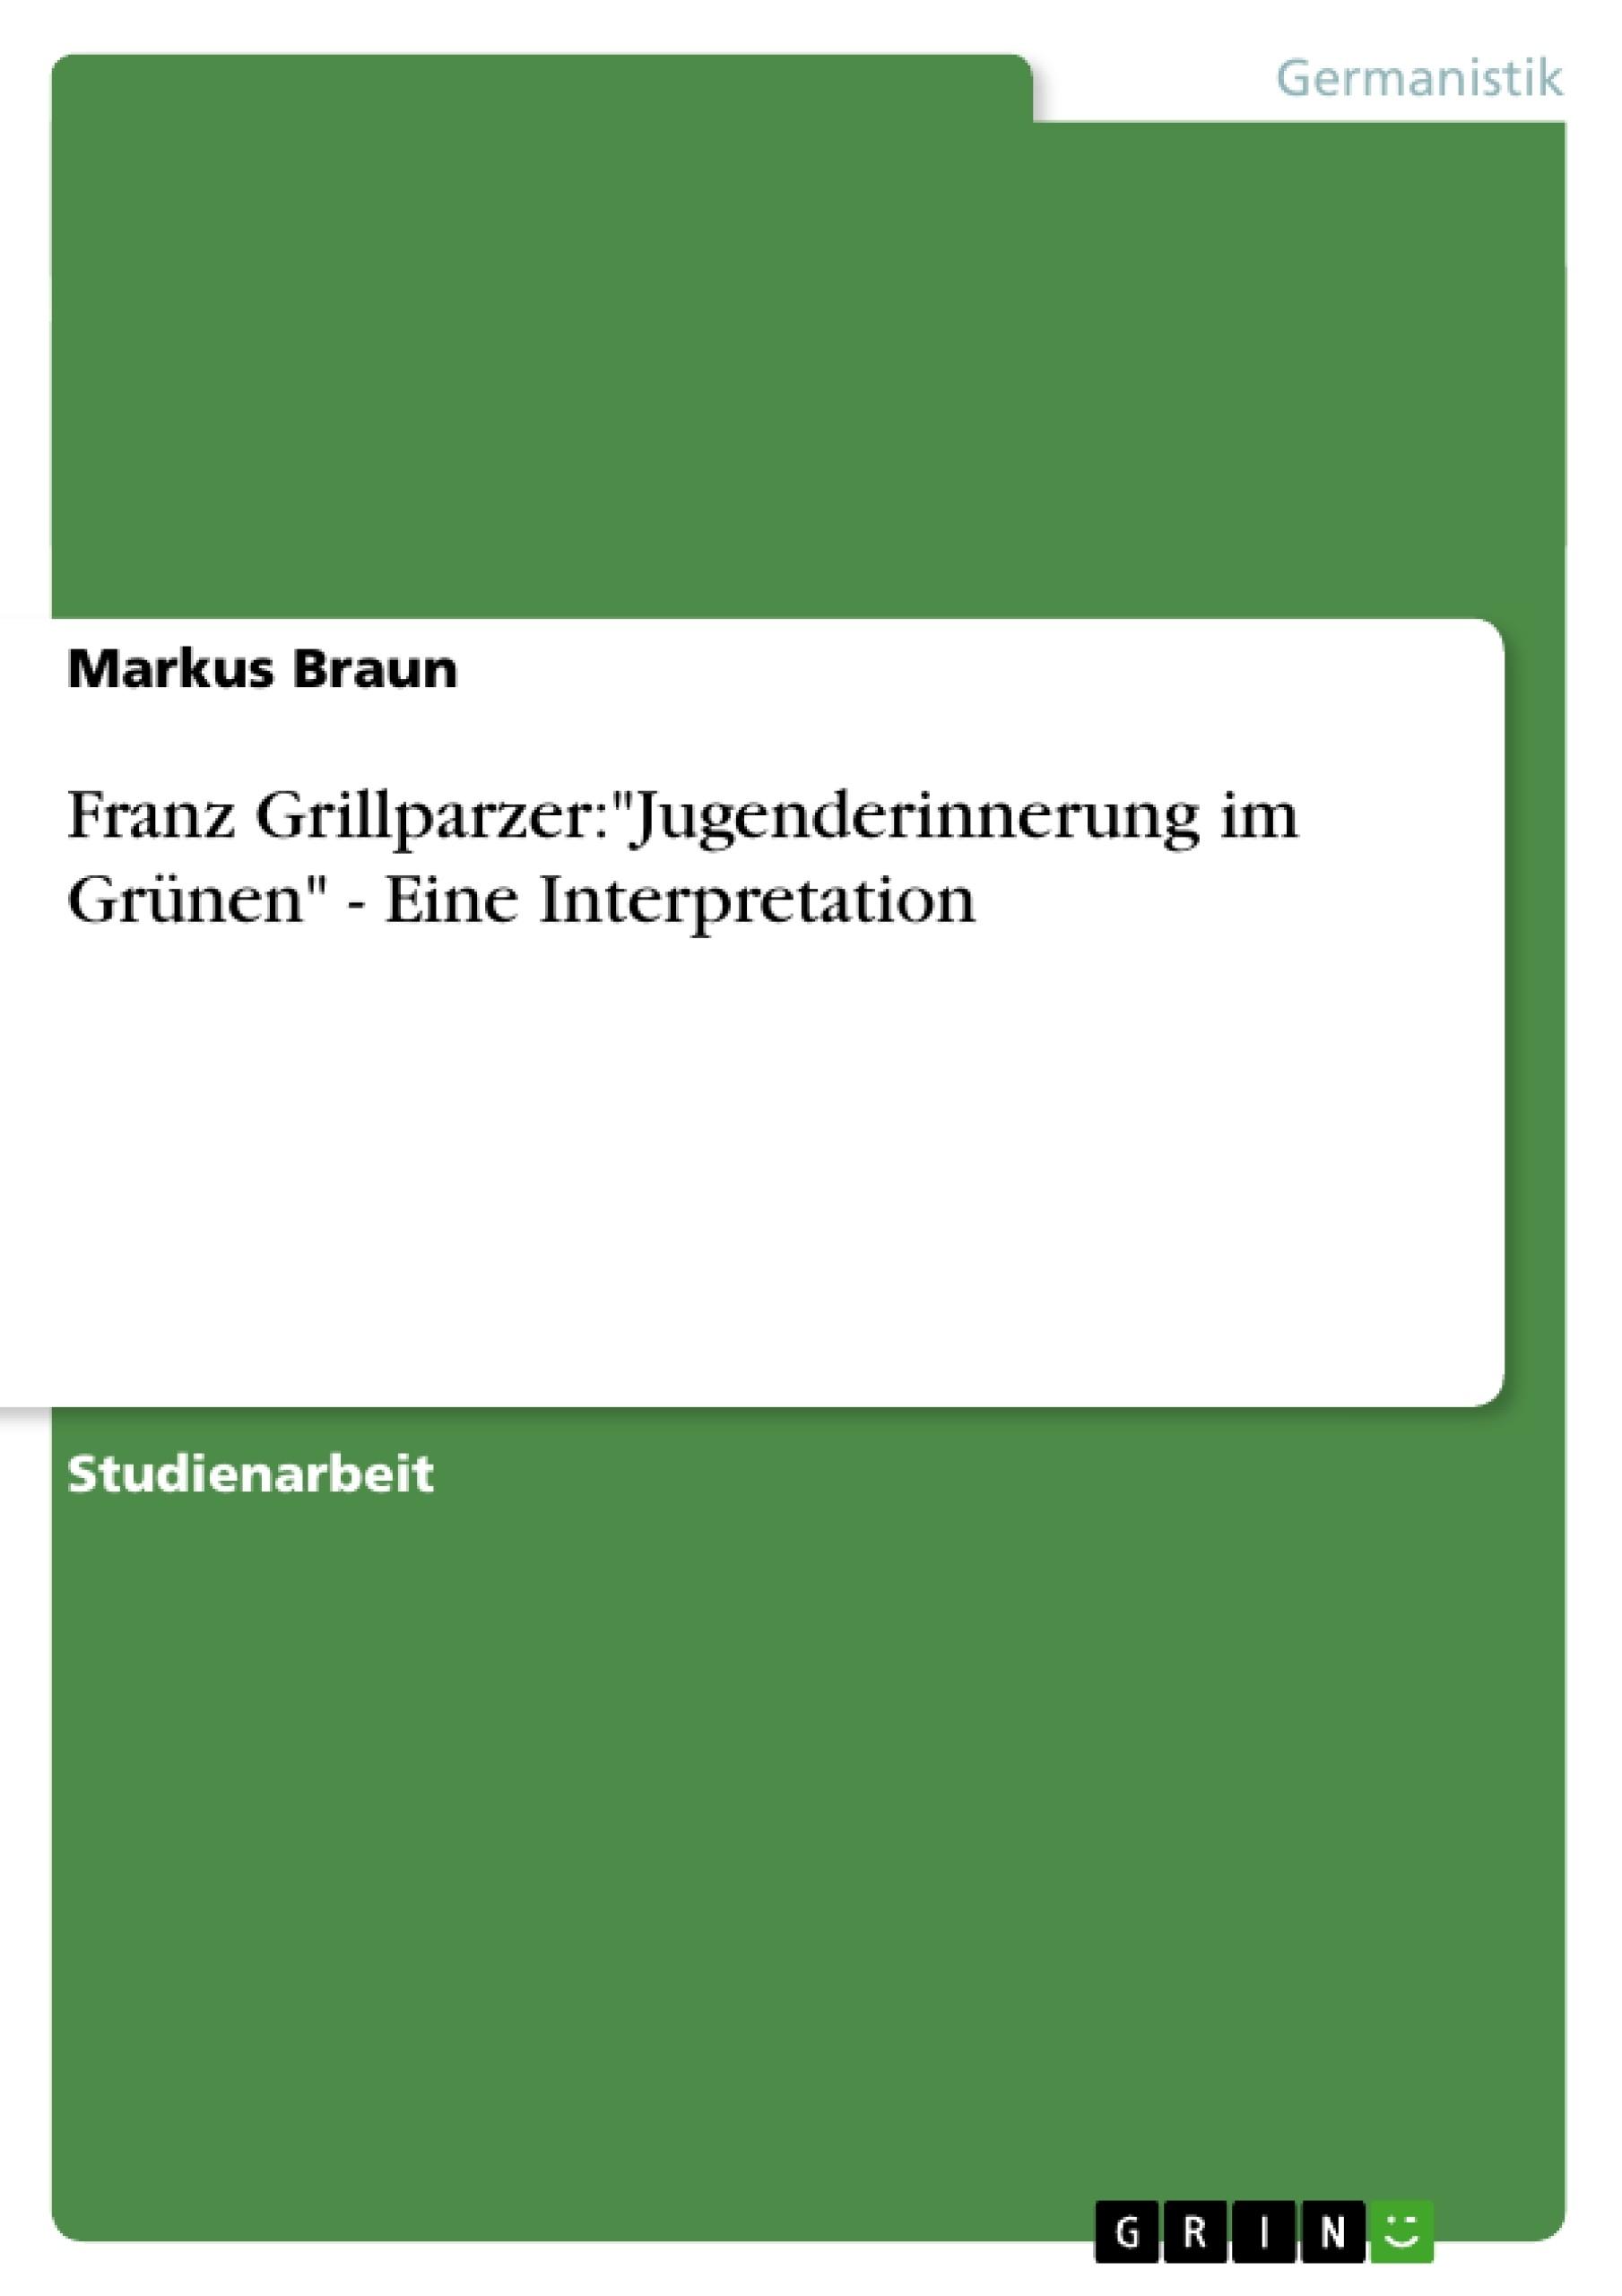 Franz Grillparzer wert der freundschaft interpretation